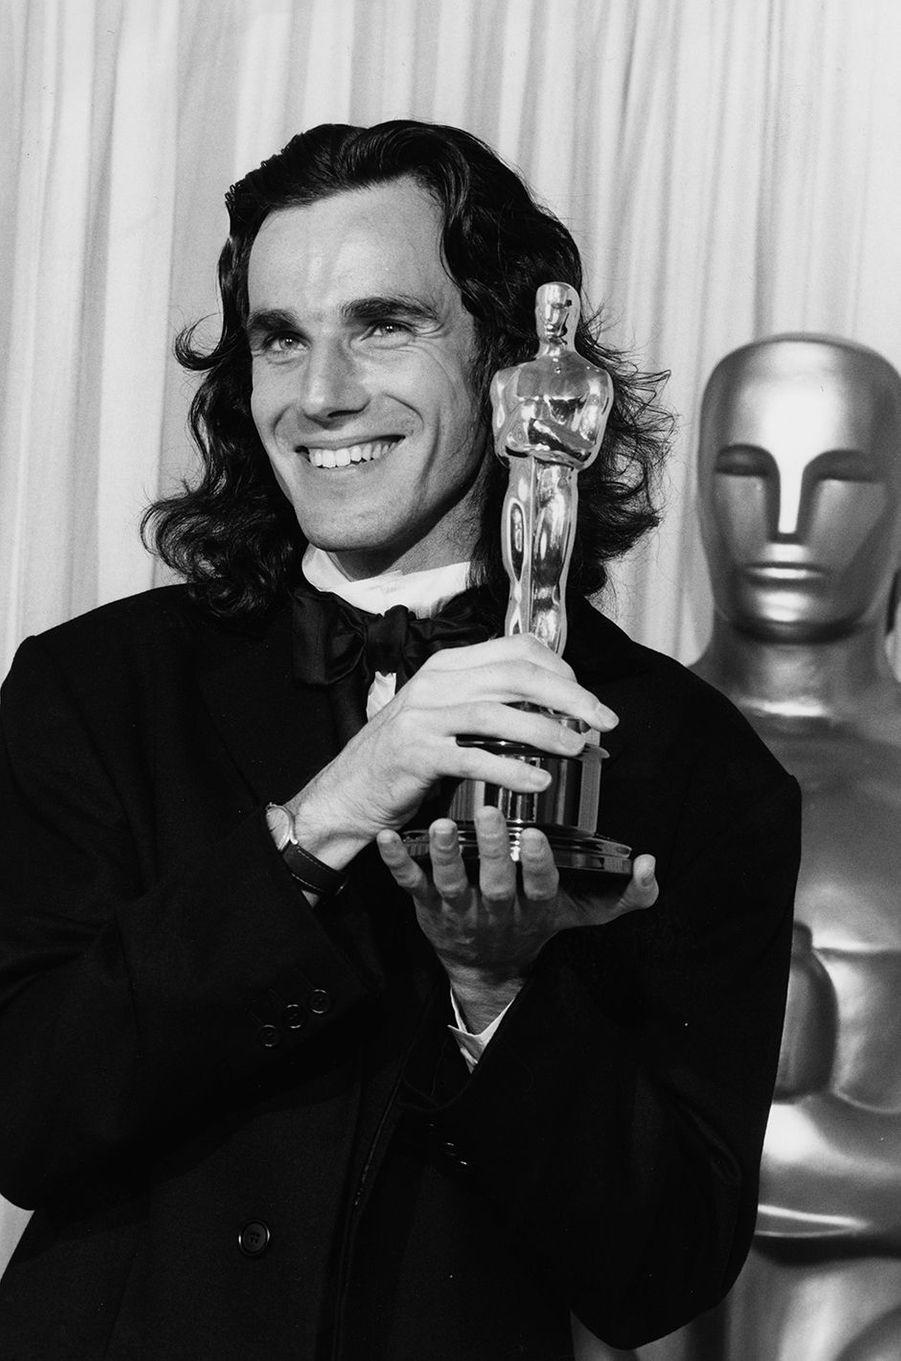 Daniel Day-Lewis remporte son premier Oscar du Meilleur acteur, 1990.